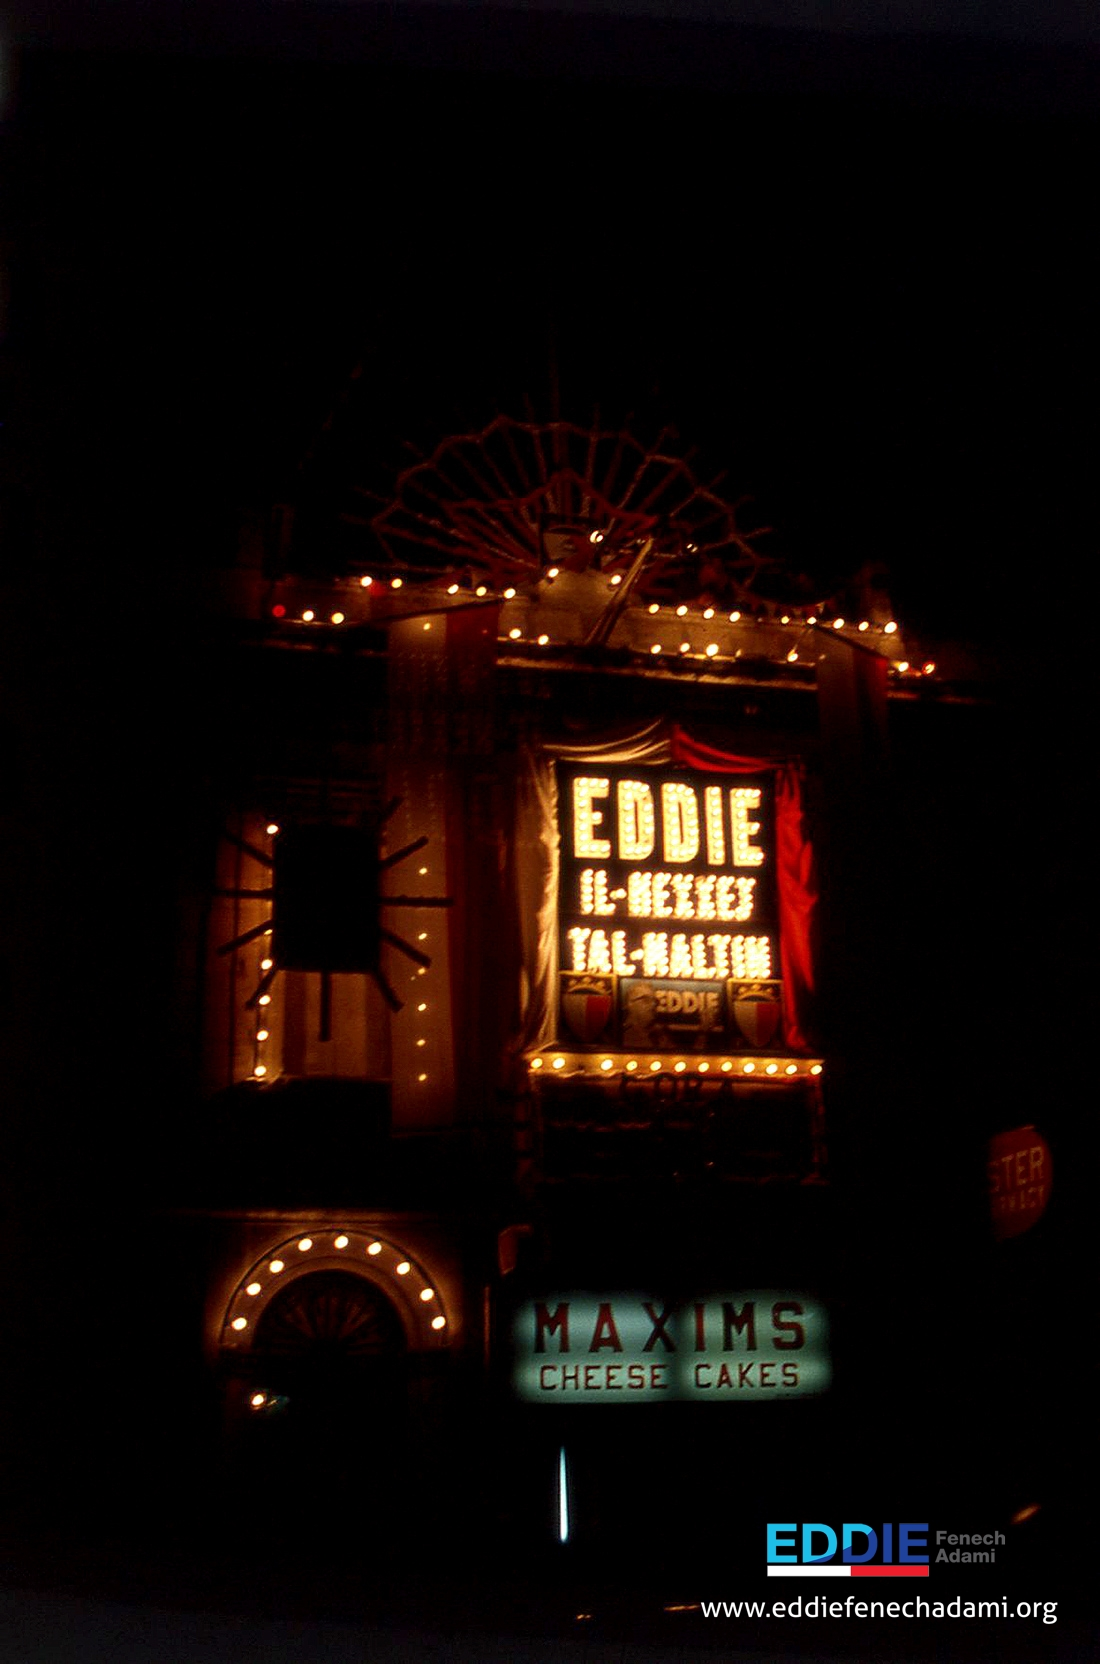 www.eddiefenechadami.org0047